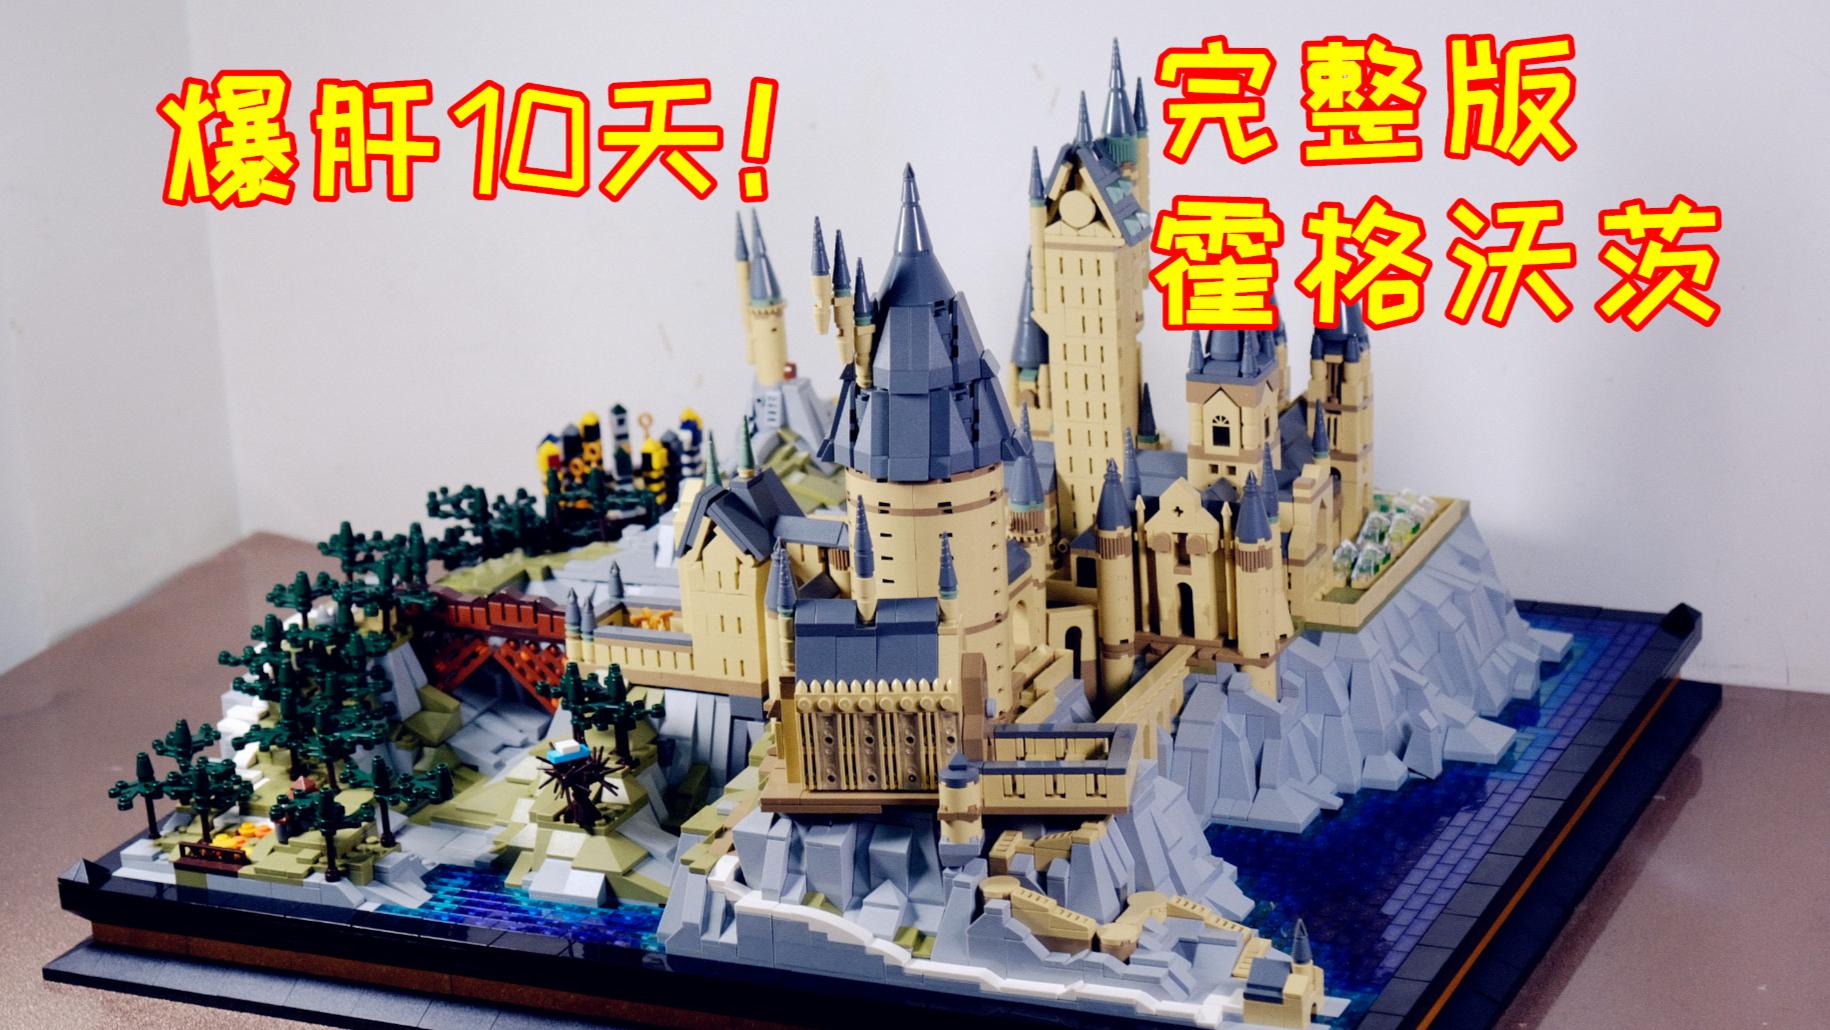 """【魔法拼装】爆肝10天!我终于拥有了完整版""""霍格沃茨魔法学院"""""""